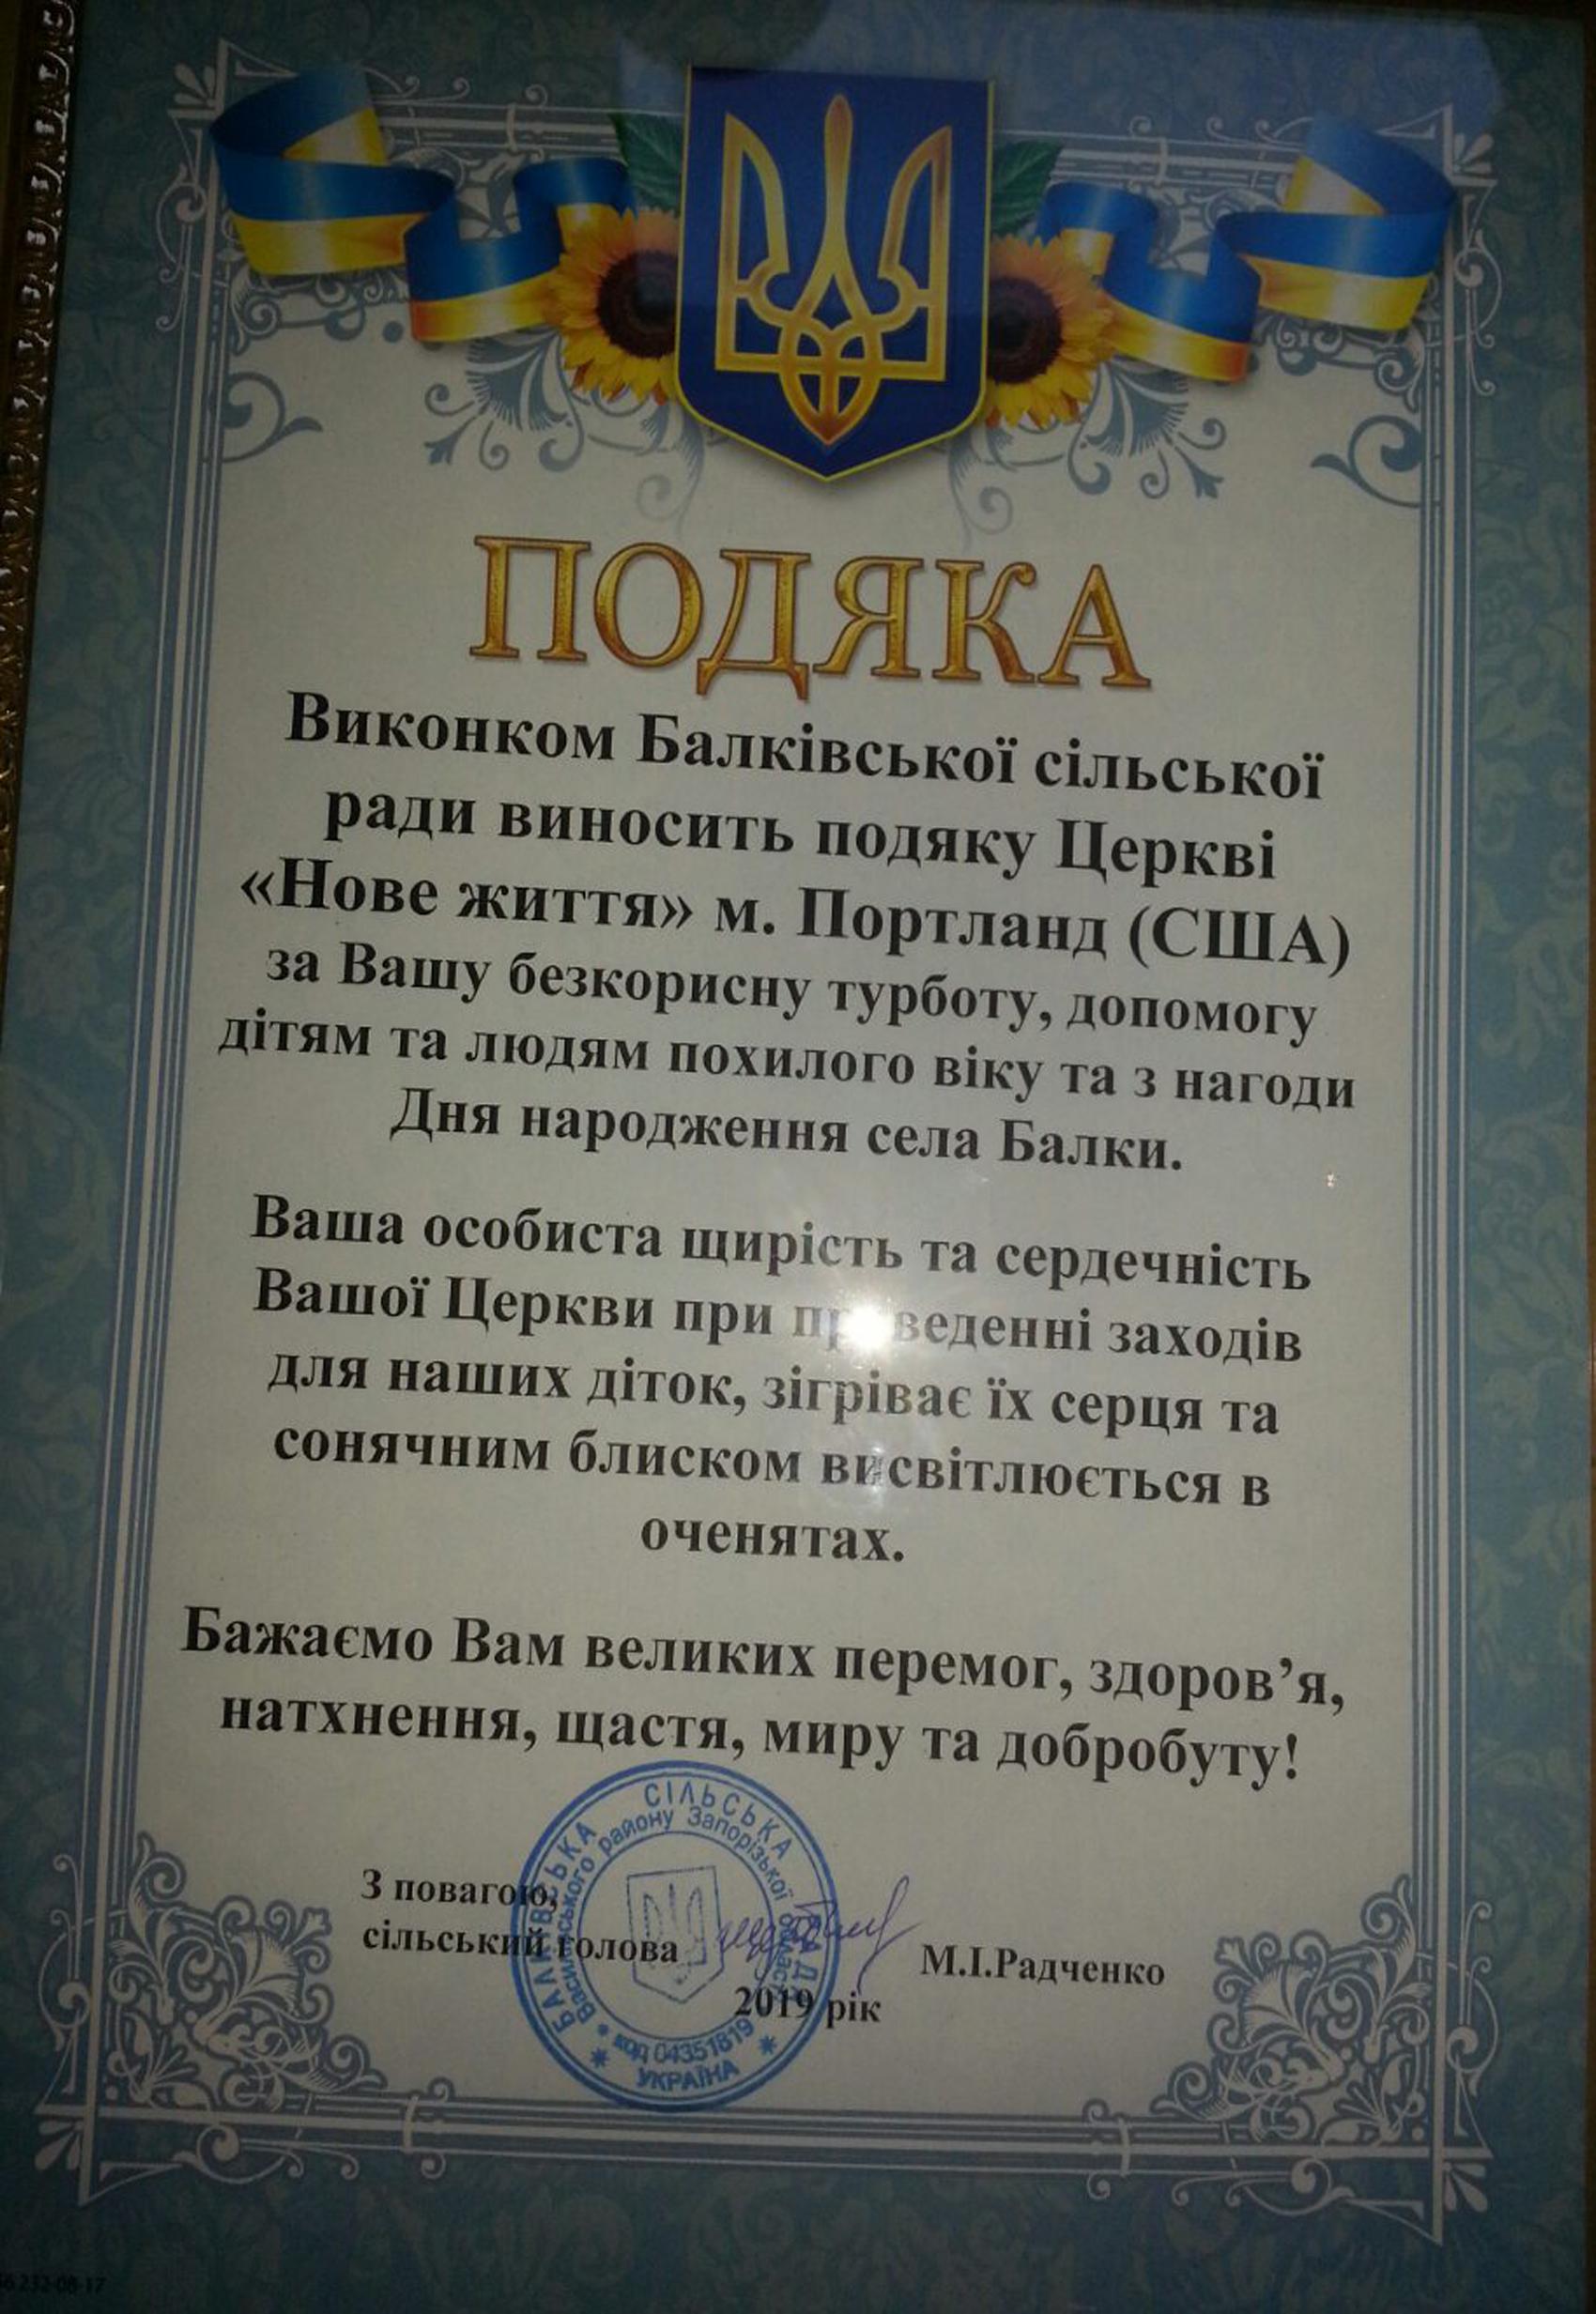 Cert-ukr-2019-11